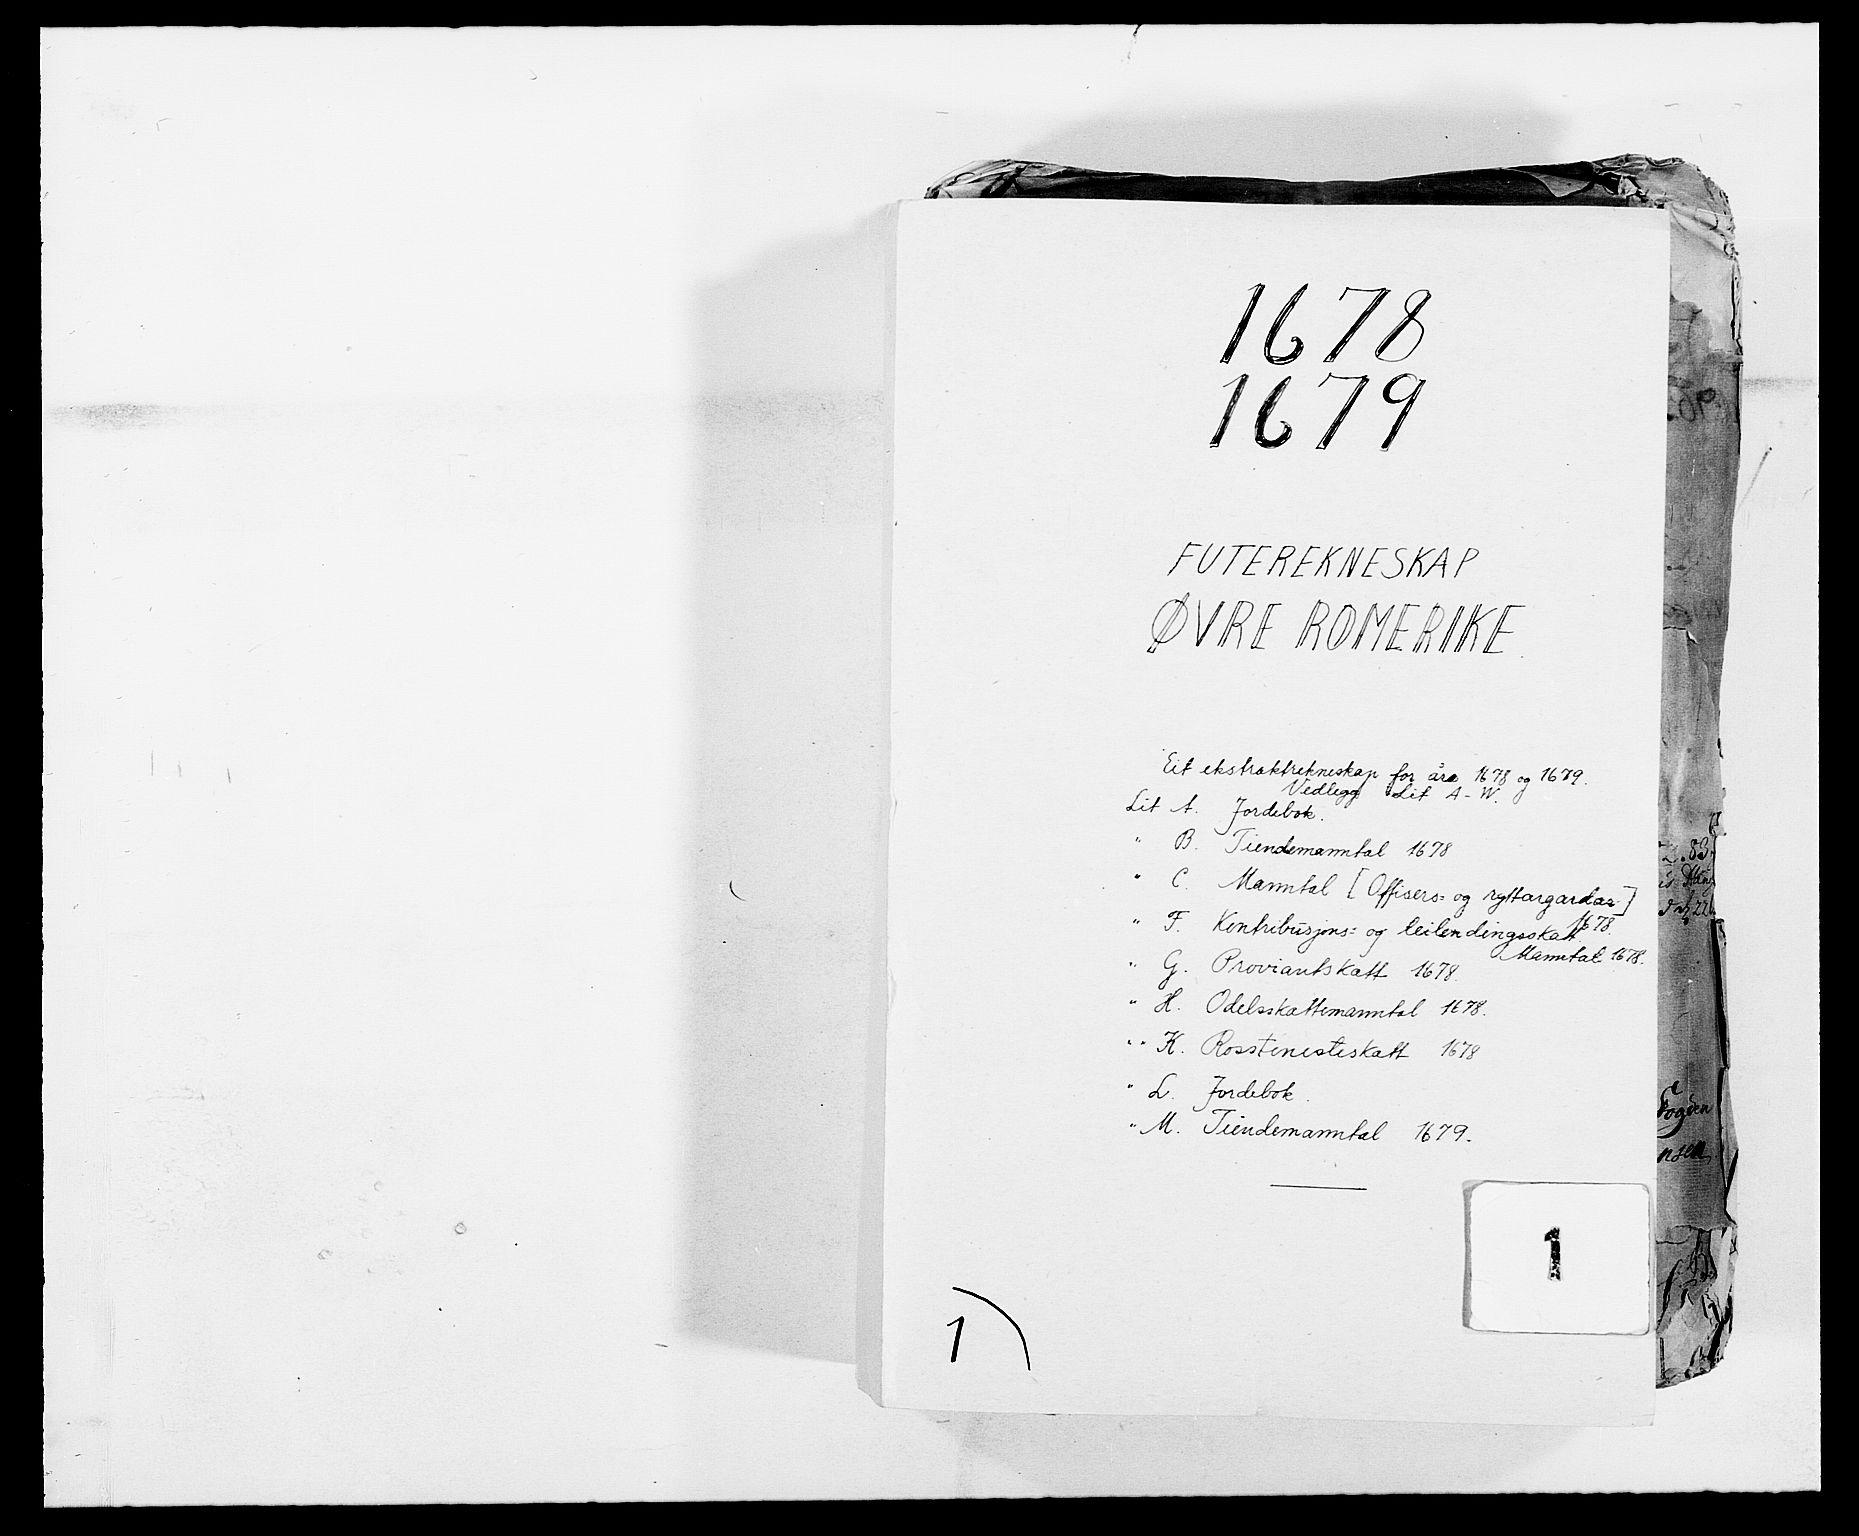 RA, Rentekammeret inntil 1814, Reviderte regnskaper, Fogderegnskap, R12/L0693: Fogderegnskap Øvre Romerike, 1678-1679, s. 1